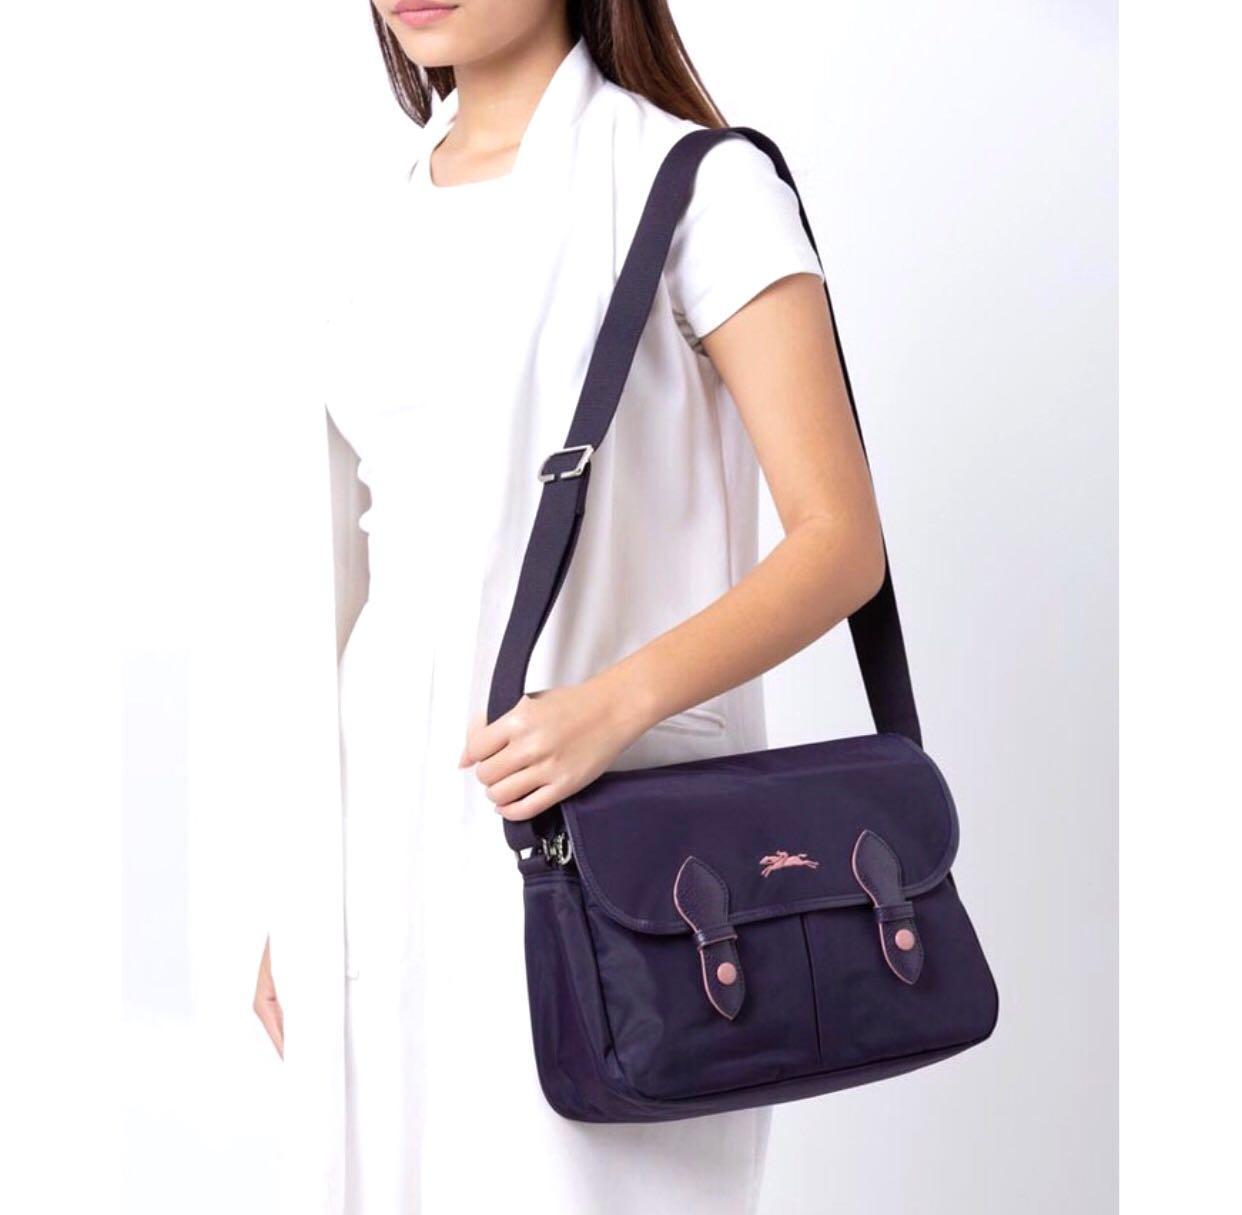 Longchamp le pliage club nylon messenger bag, Women's Fashion ...